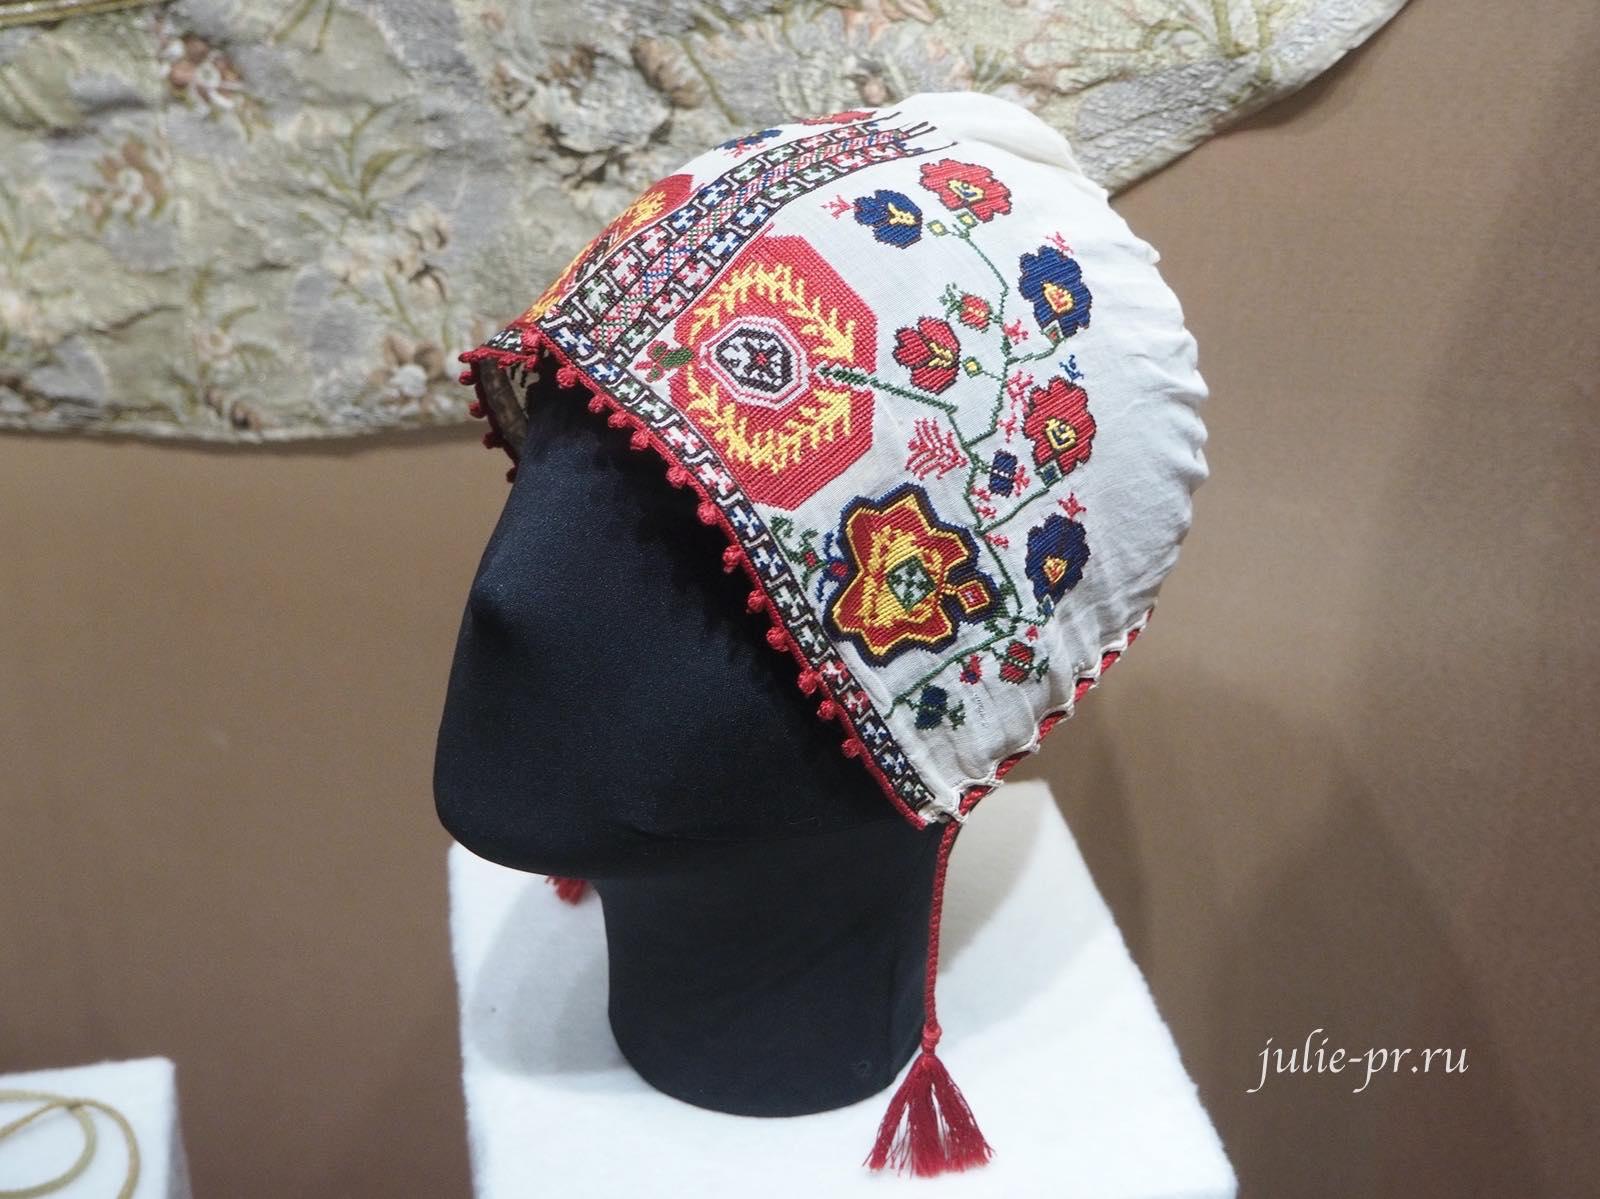 Чепец (Россия, конец XIX века): шёлковые нити, вышивка крестом